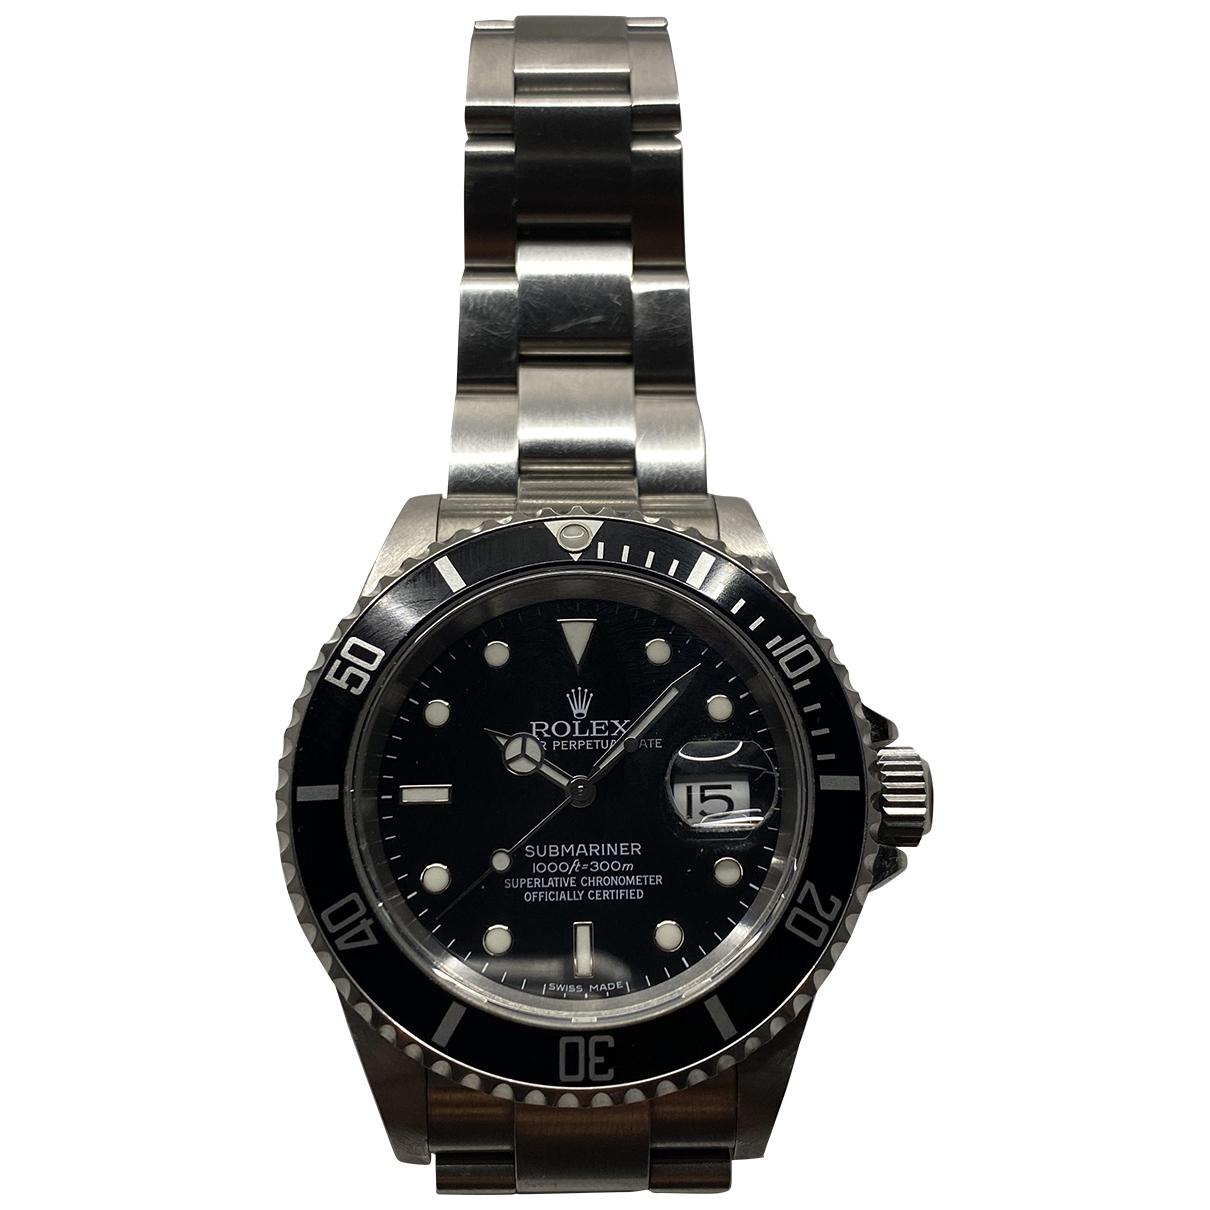 Relojes Submariner Rolex